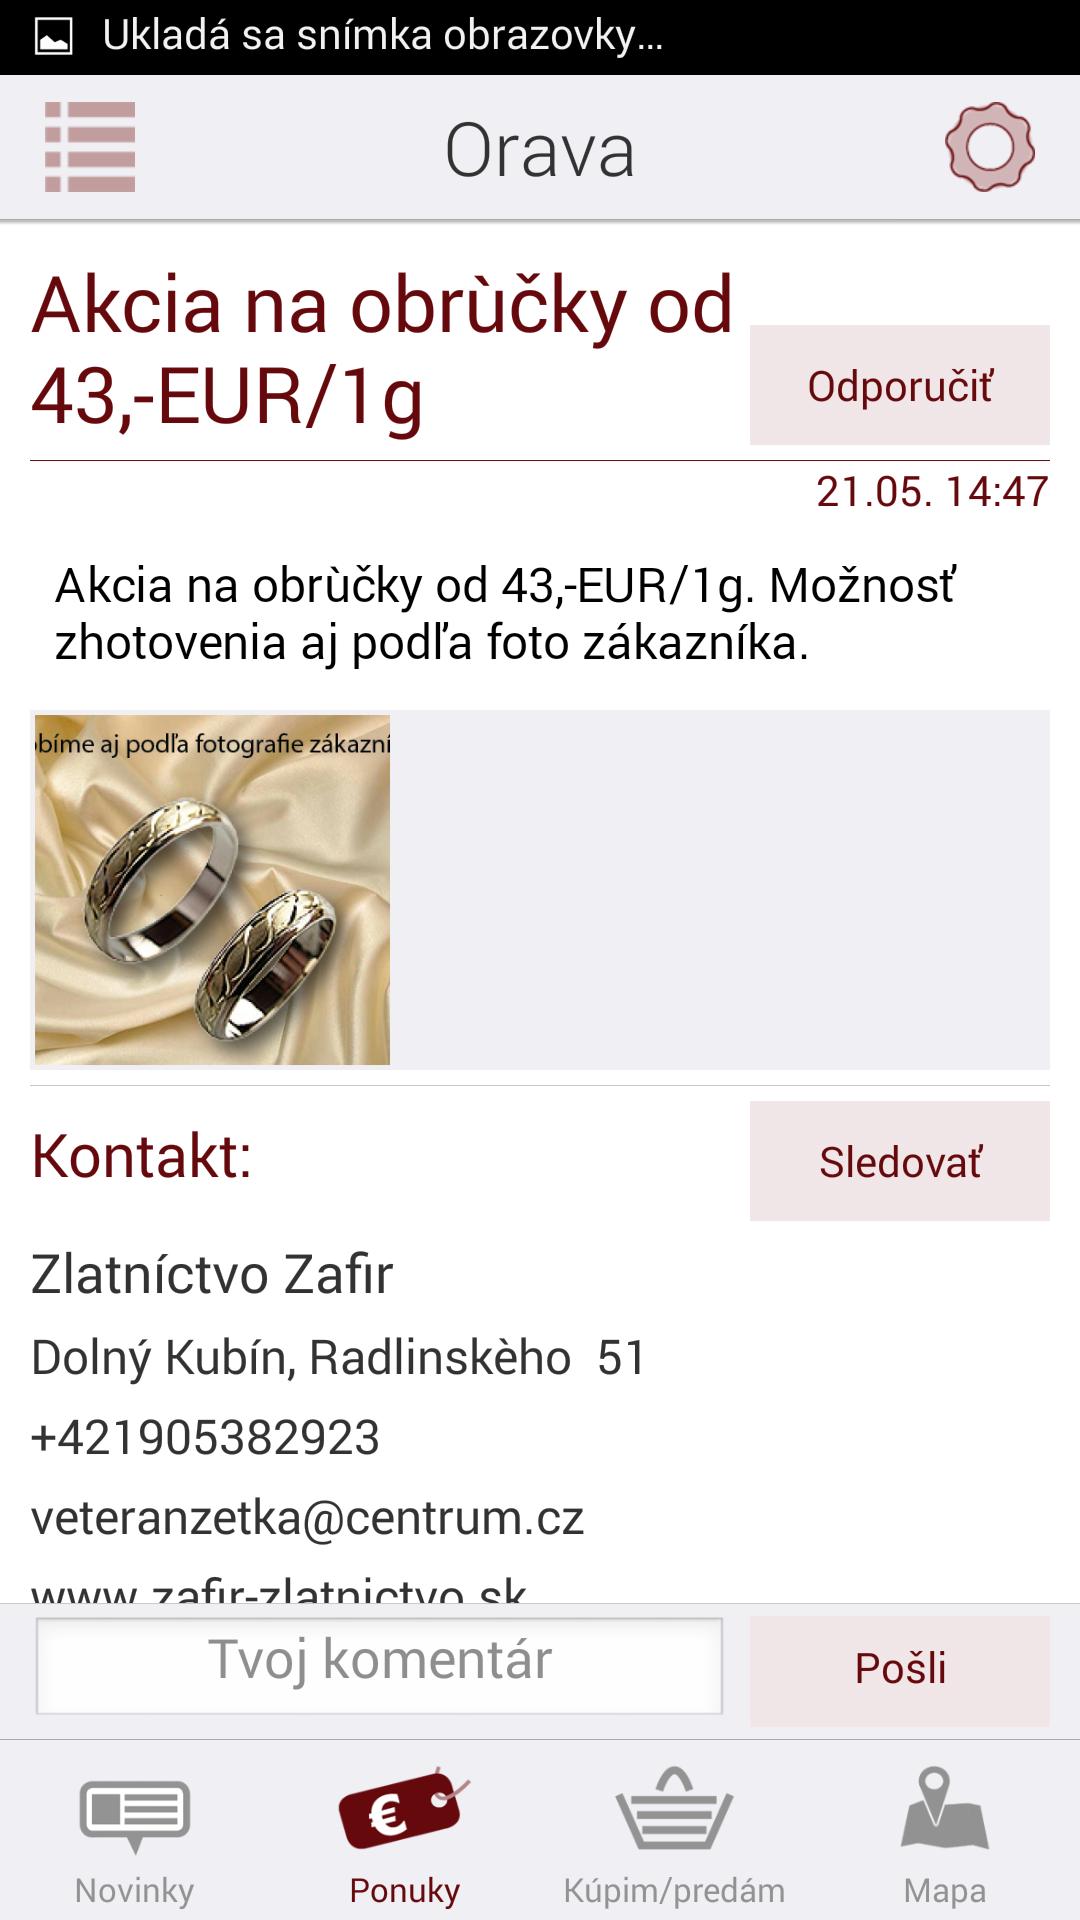 screenshot_2014-05-30-10-59-36_r9332.png